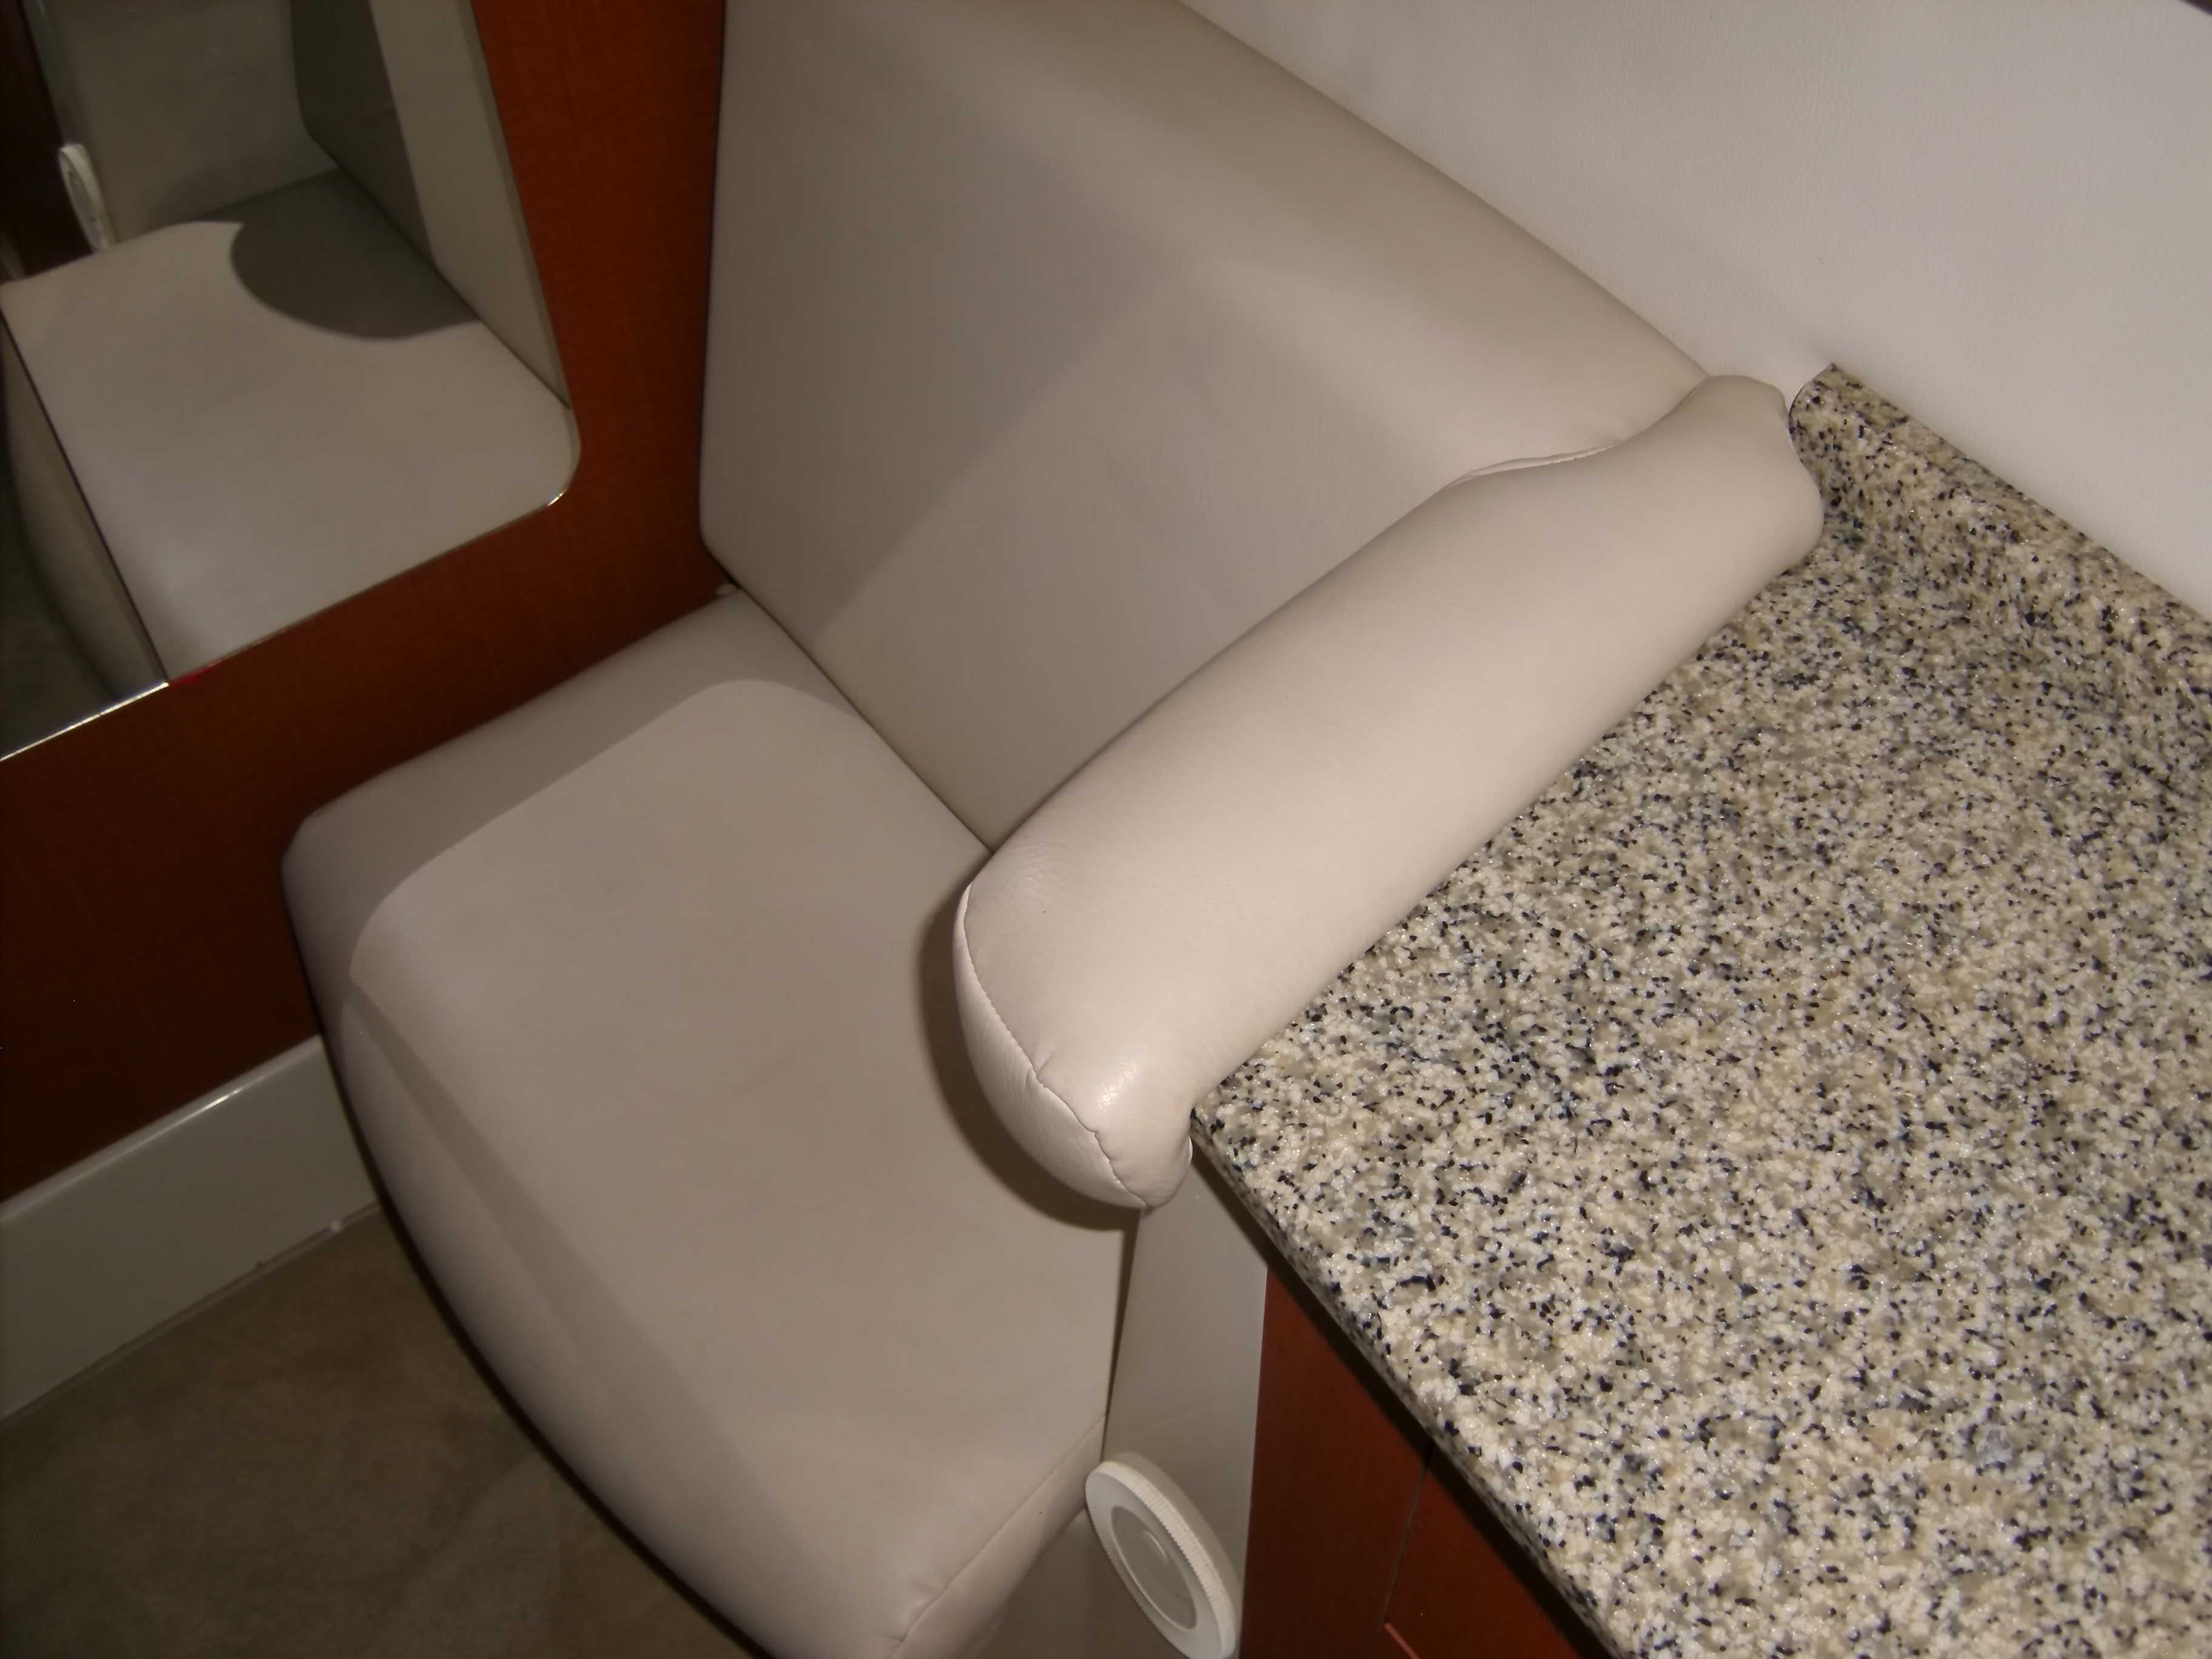 V Seating